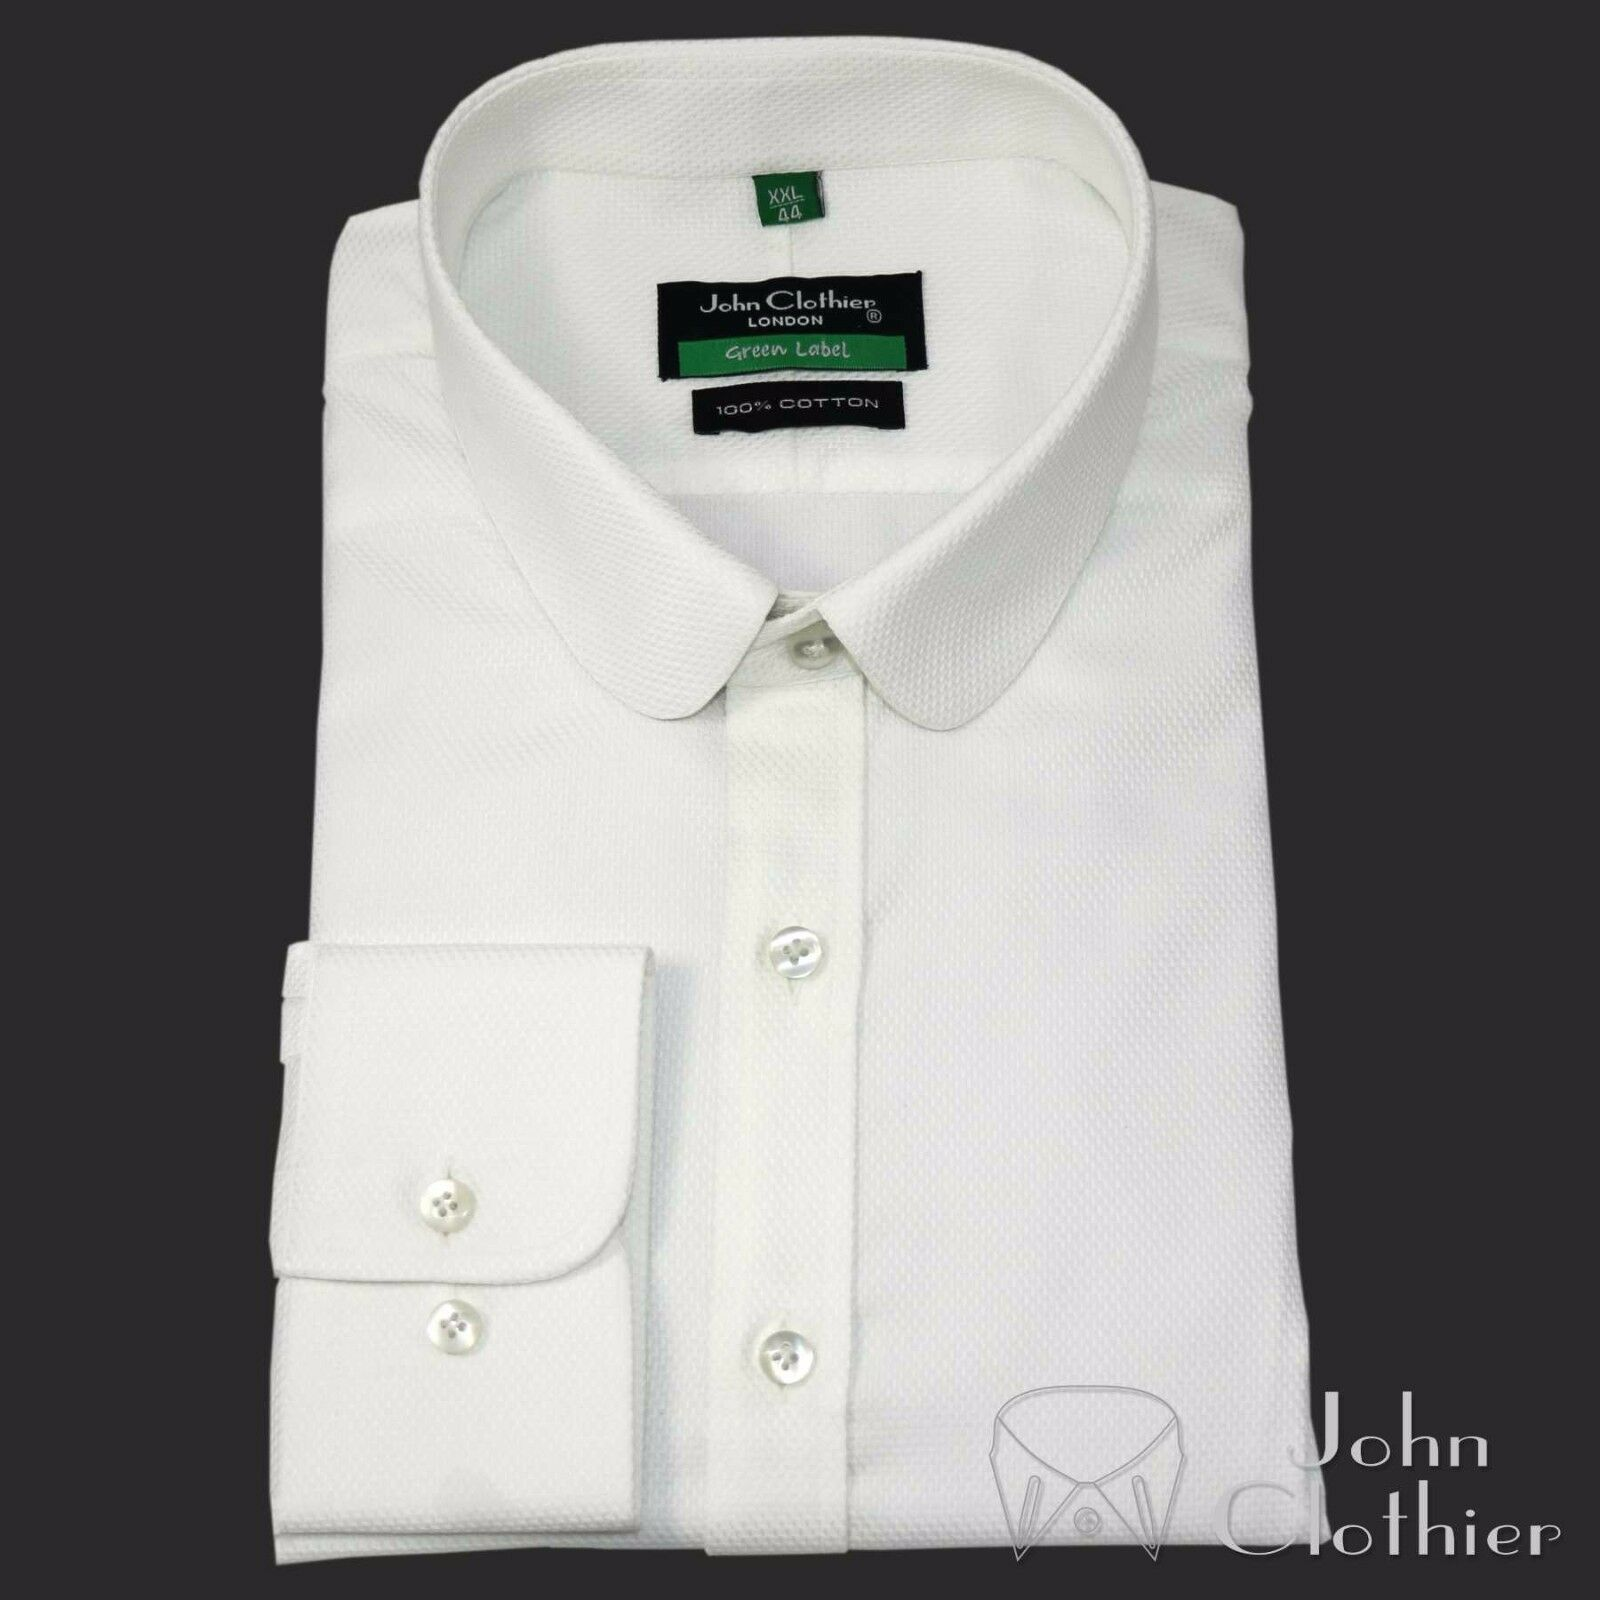 Herren Penny Kragen Hemd Weiß Baumwolle Oxford Steps Rund Club Peaky Blinder